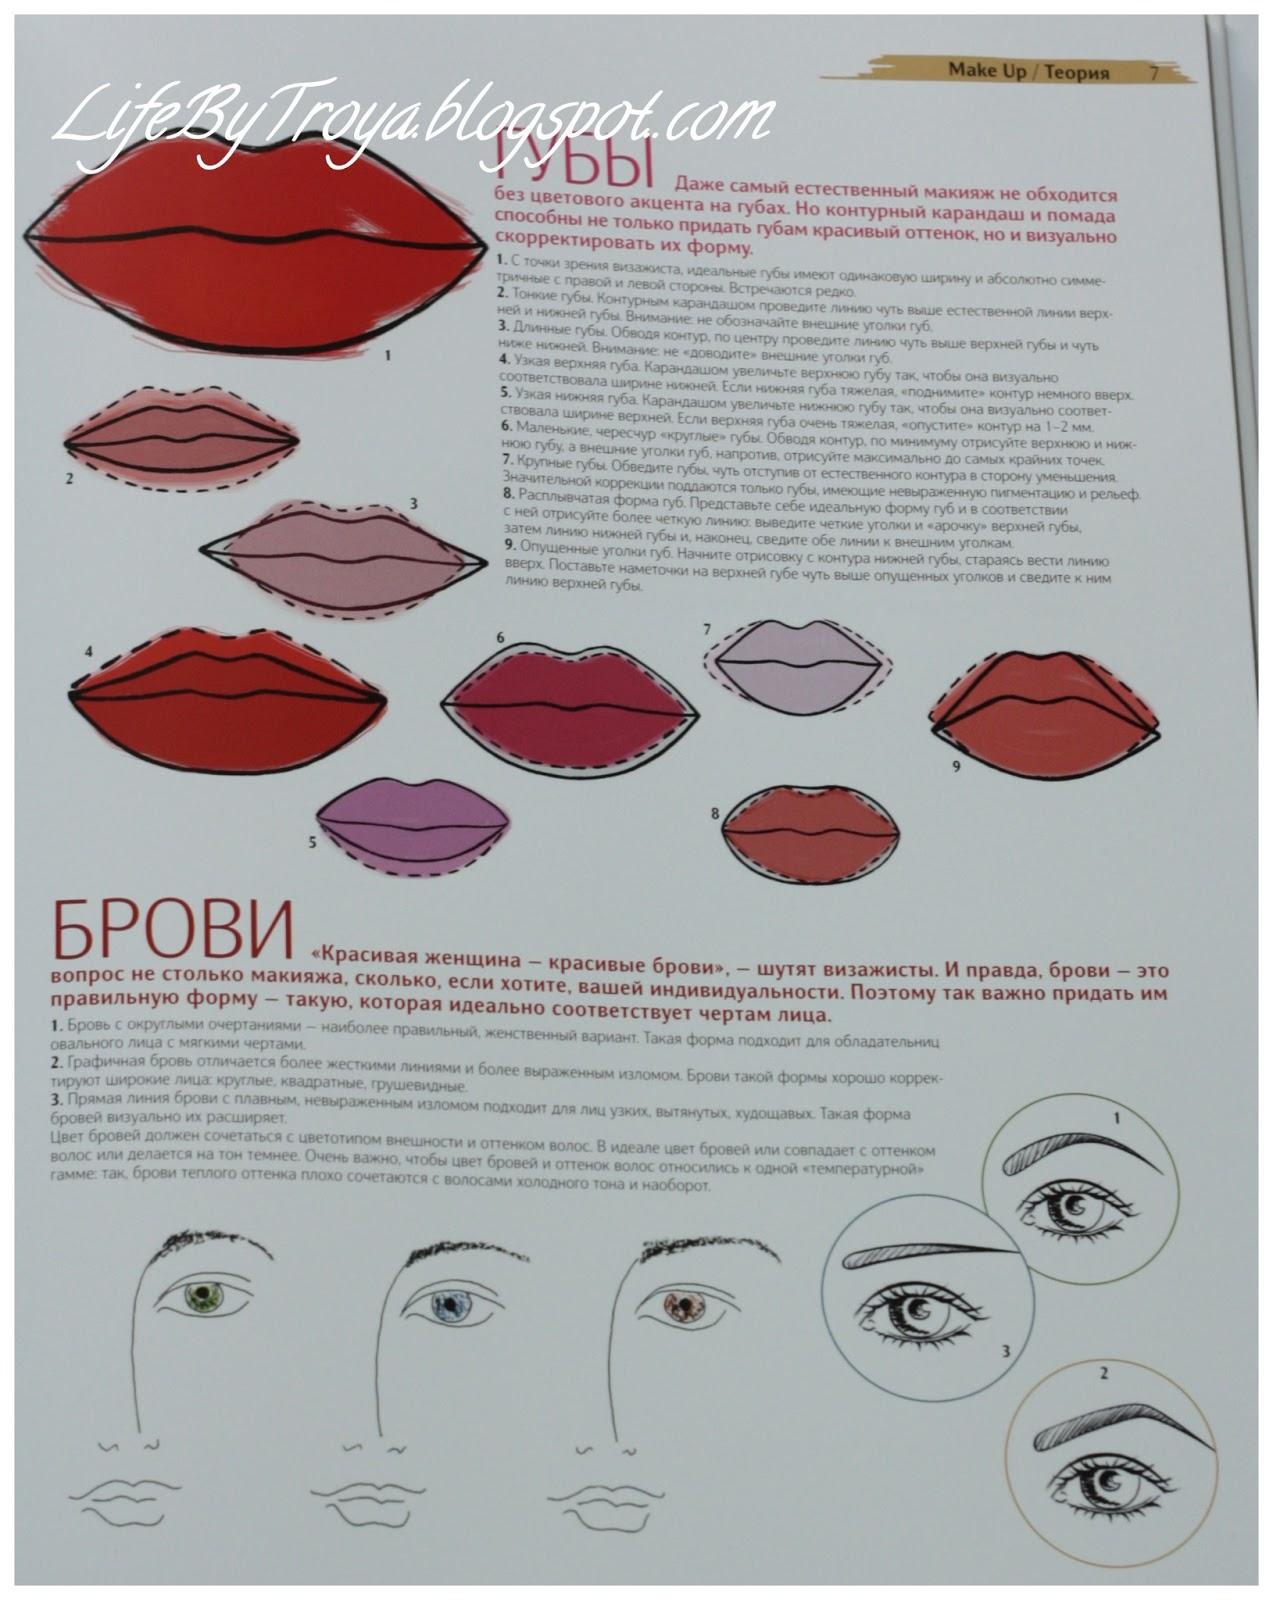 Теория по макияжу для начинающих